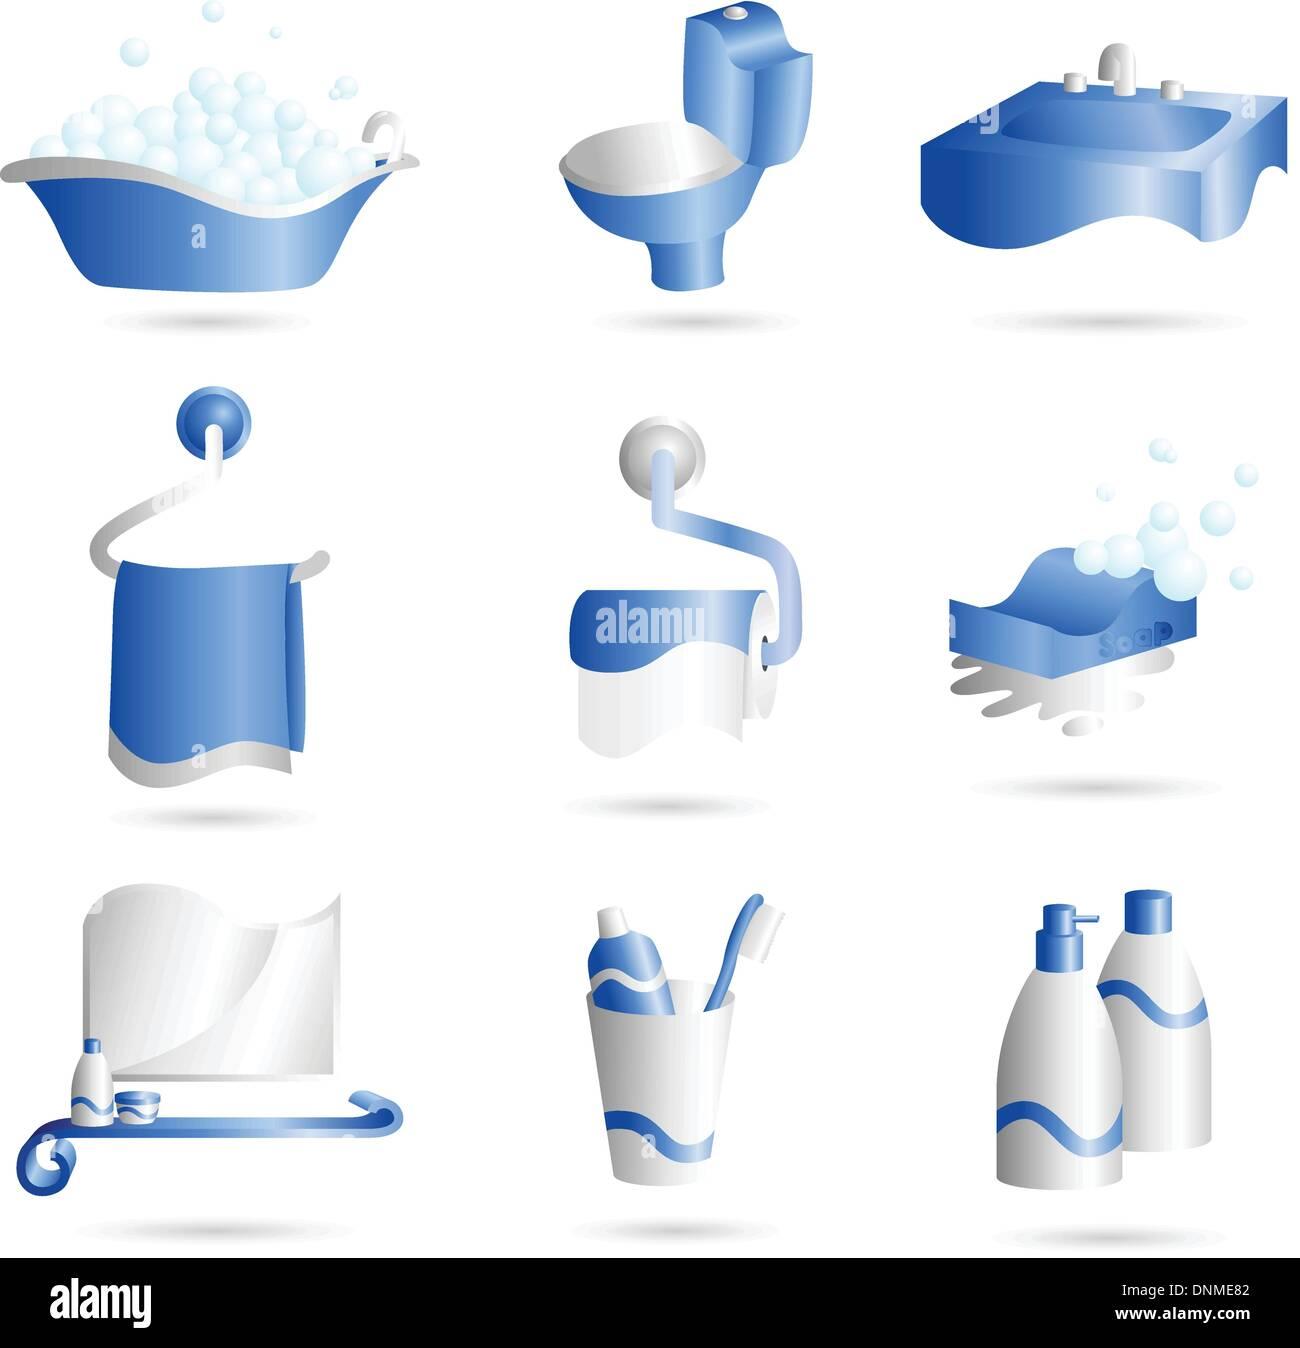 Una ilustración vectorial de iconos de cosas que se pueden encontrar en el baño. Imagen De Stock